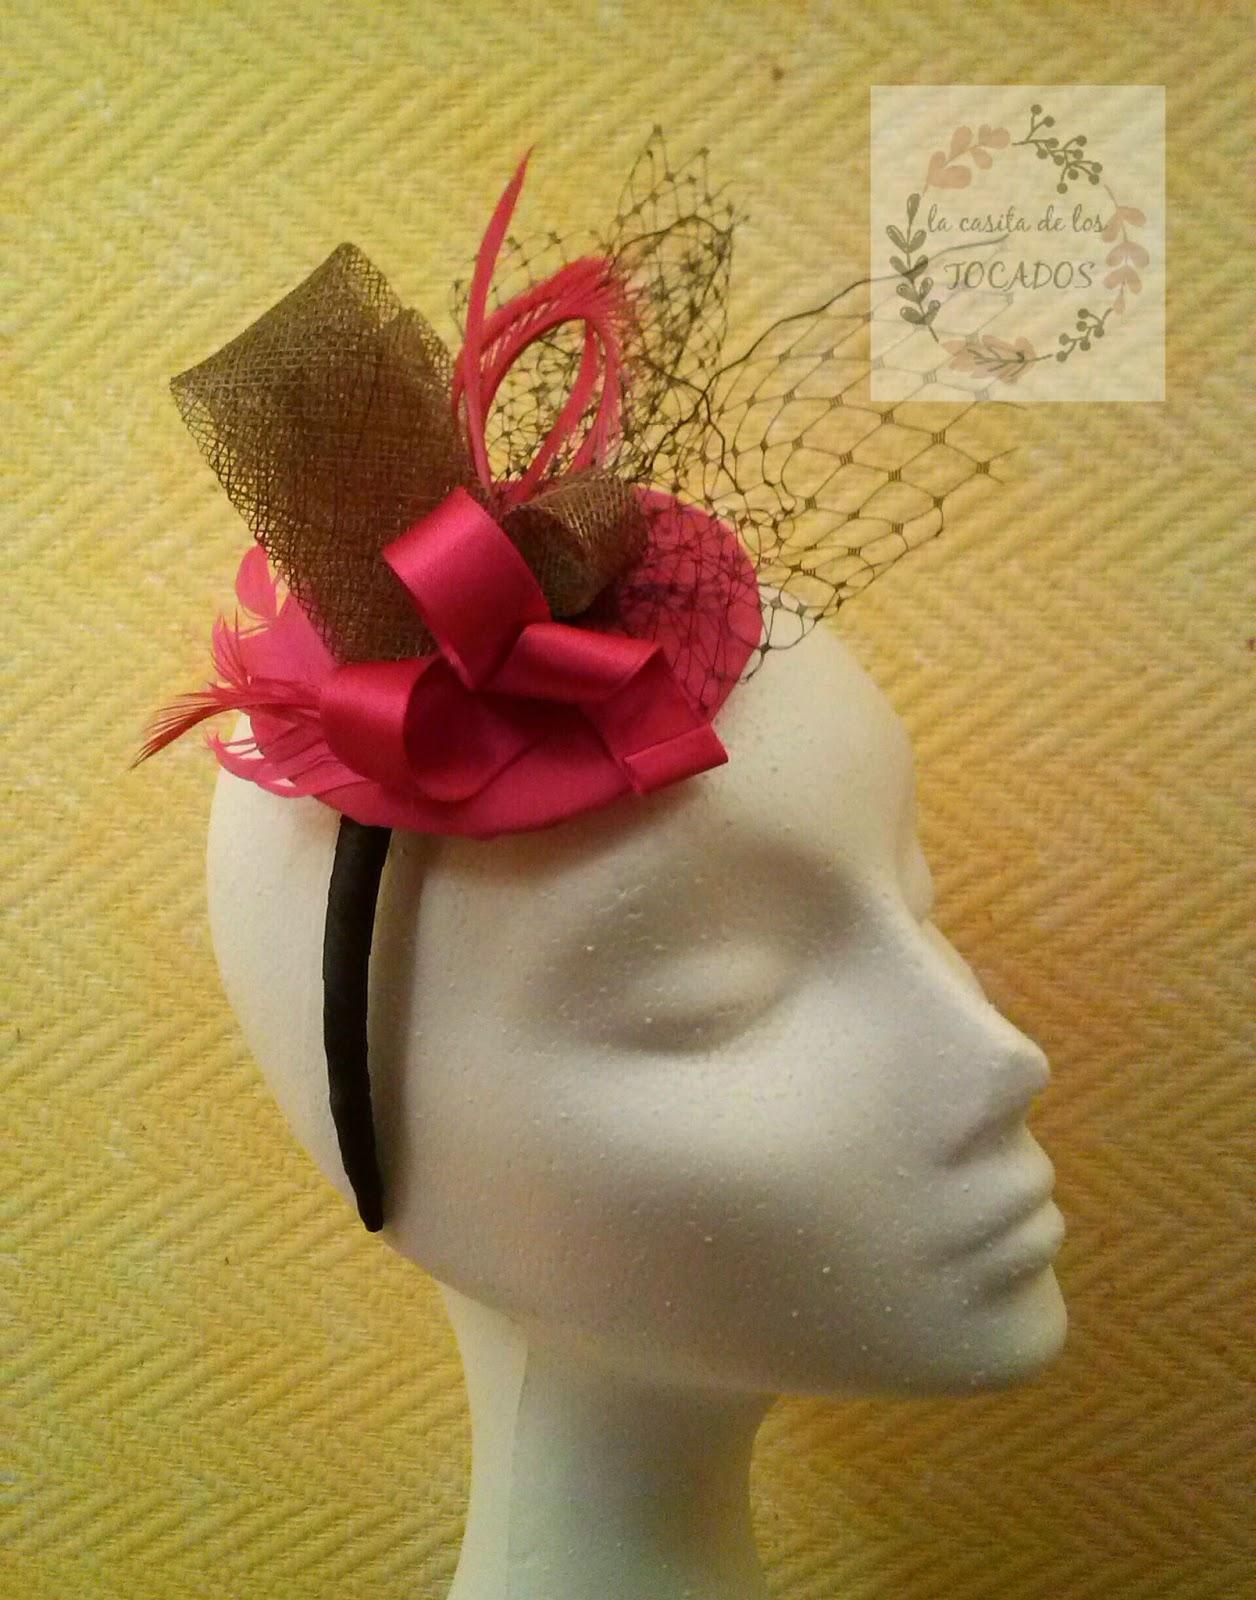 tocado rosa fucsia y bronce para boda hecho por encargo con diadema